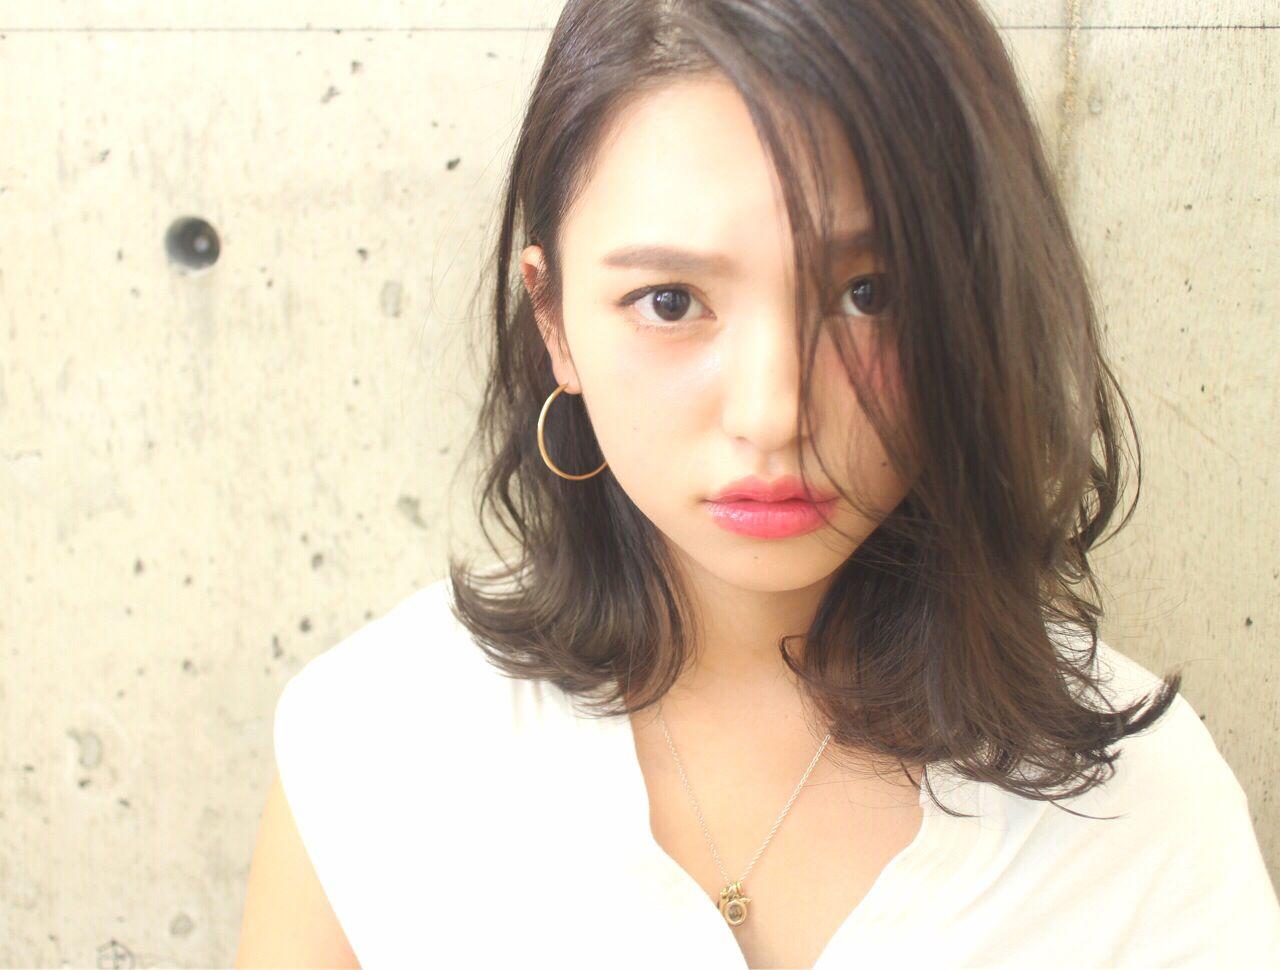 黒髪でも重く見えないミディアムスタイル7選 米川光平/melgina(メルジーナ)